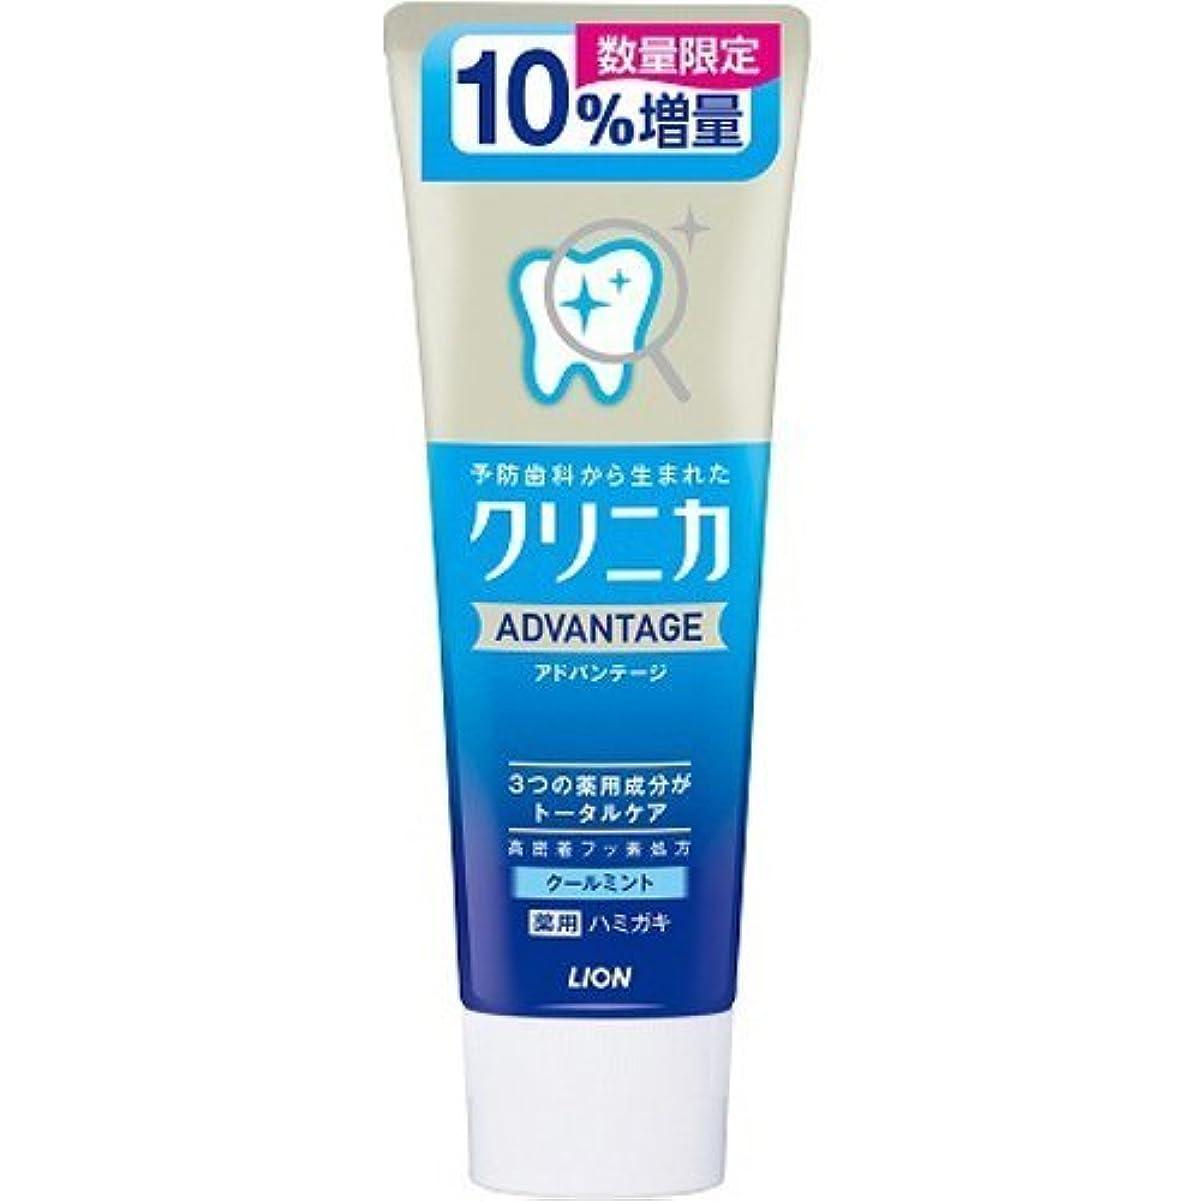 治療フィード不誠実【セット品】クリニカアドバンテージ歯磨クールミント10%増量×3個